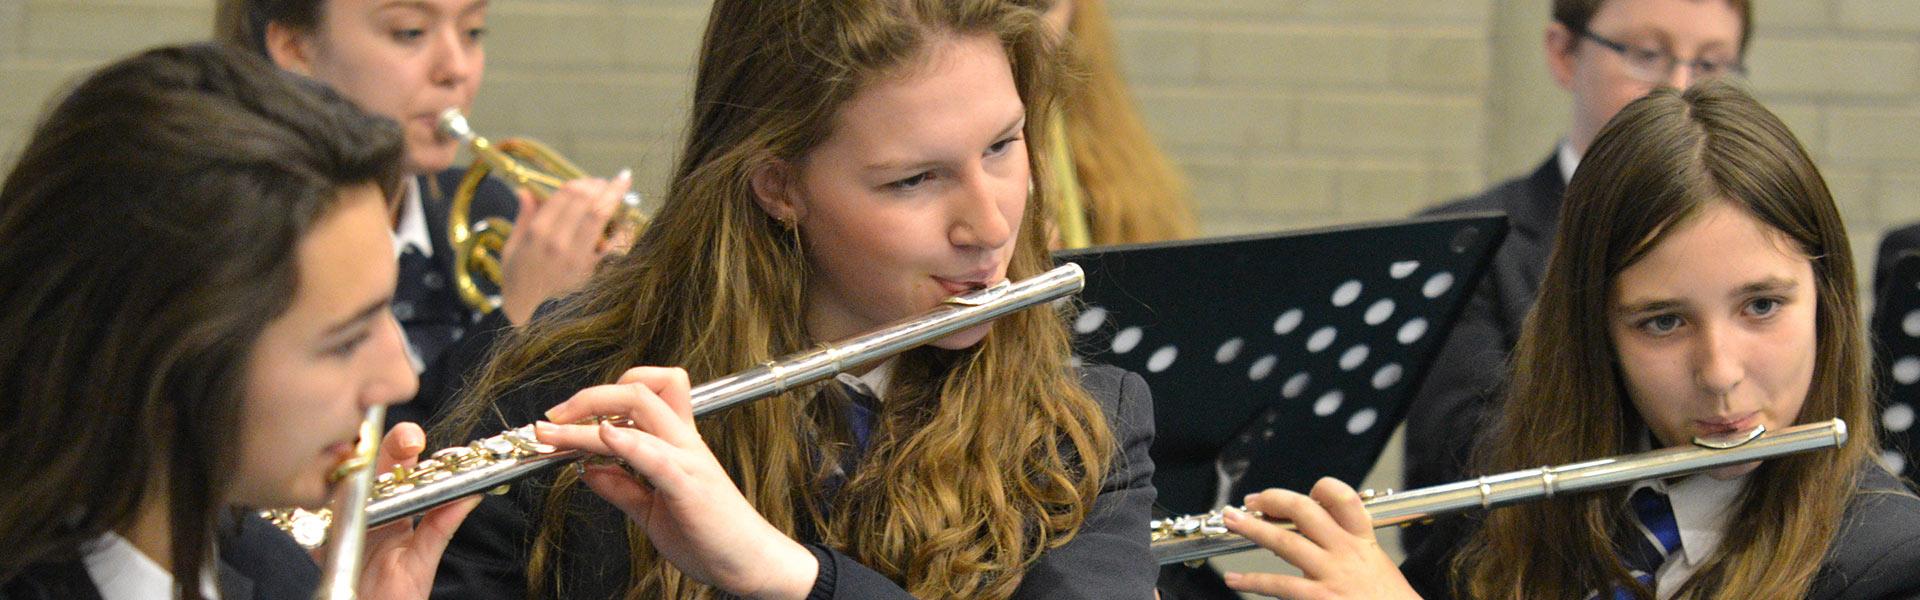 concert-band-slider